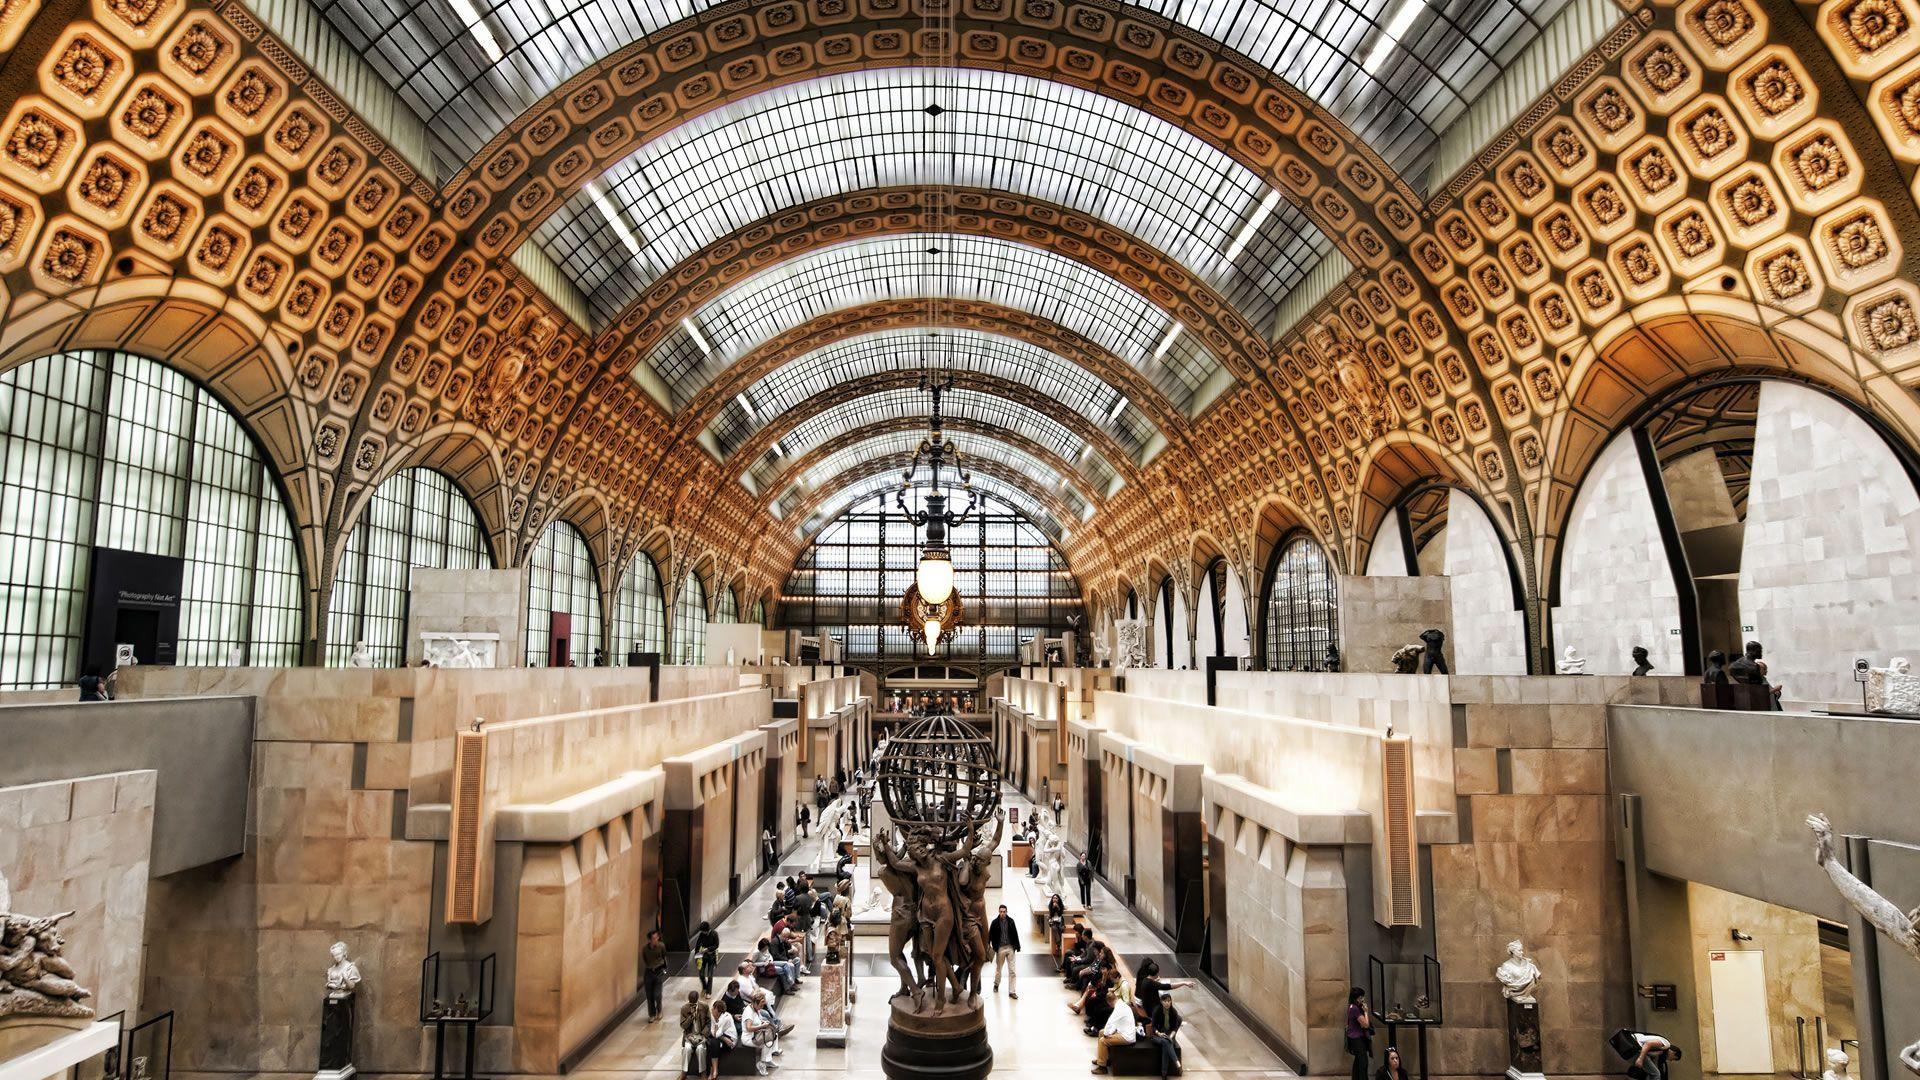 Los 10 mejores museos del mundo, según TripAdvisor